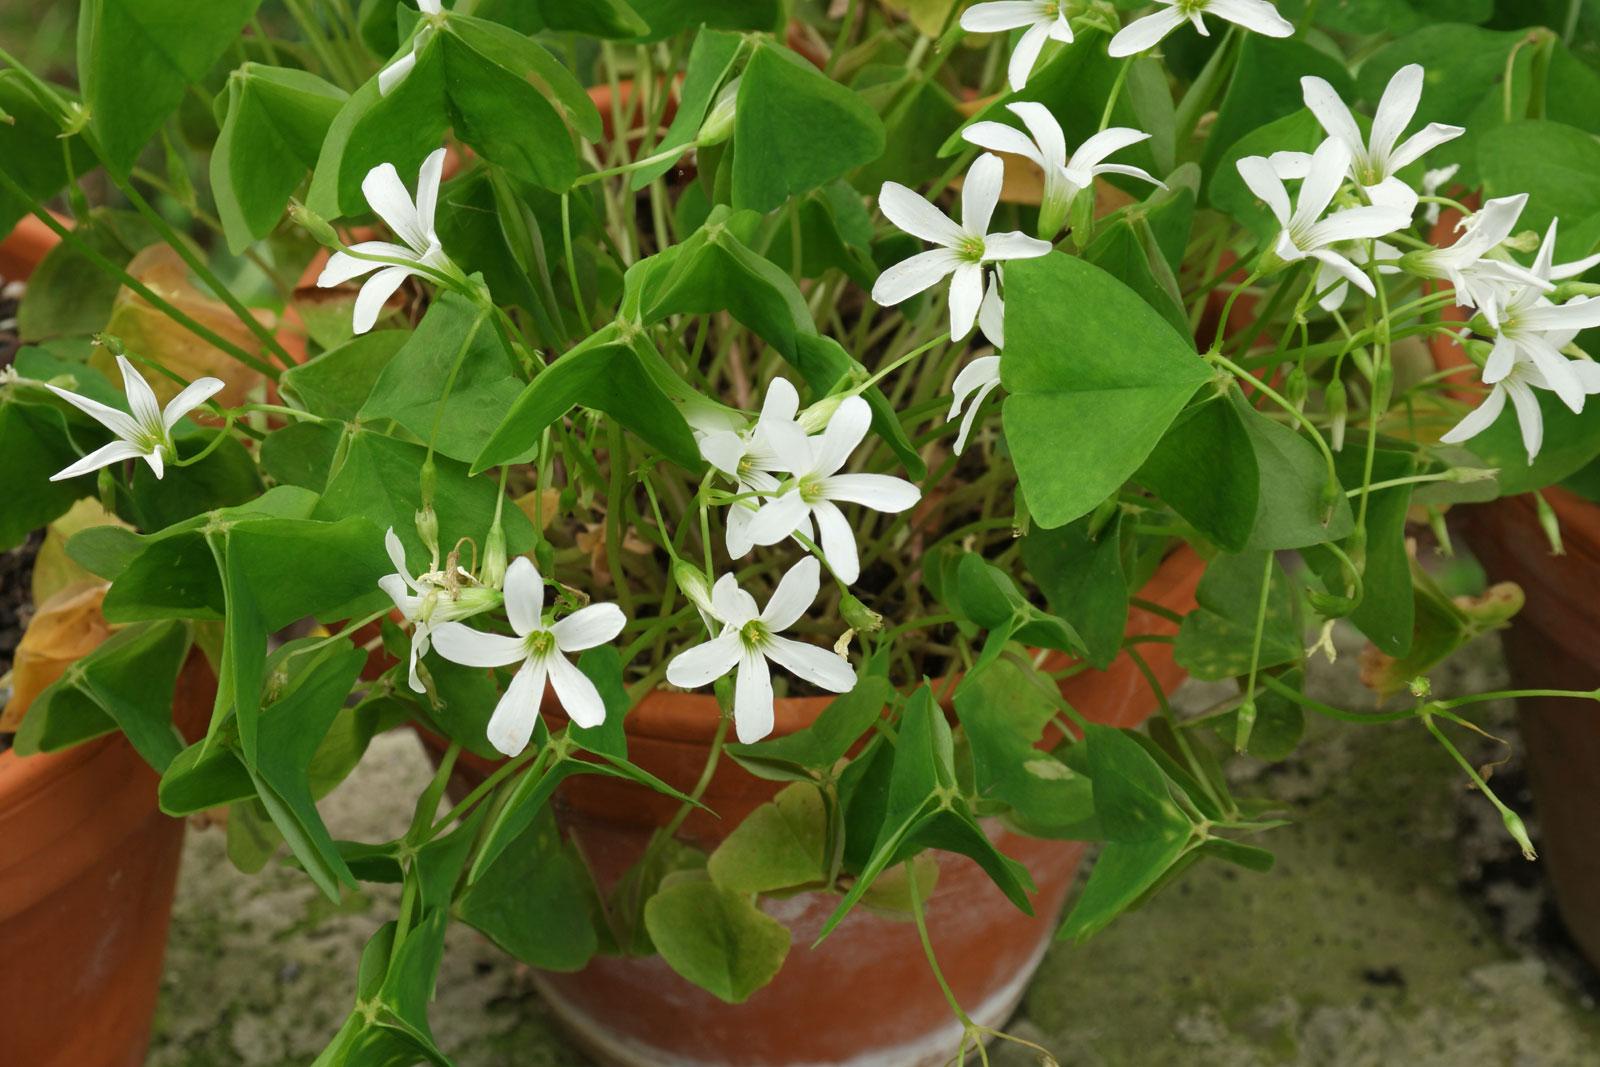 Oxalis triangularis papilionacea